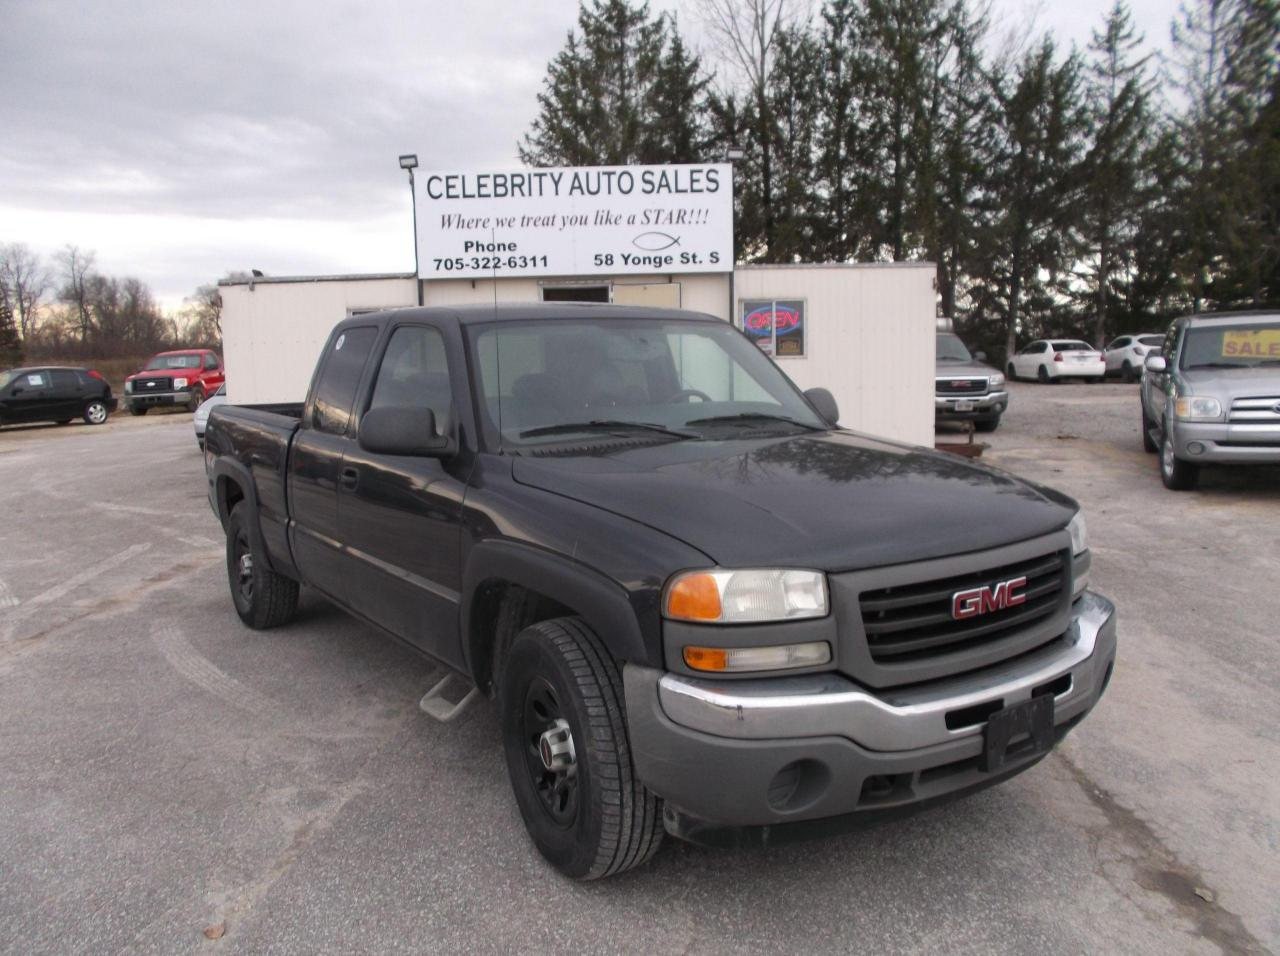 2005 GMC Sierra 1500